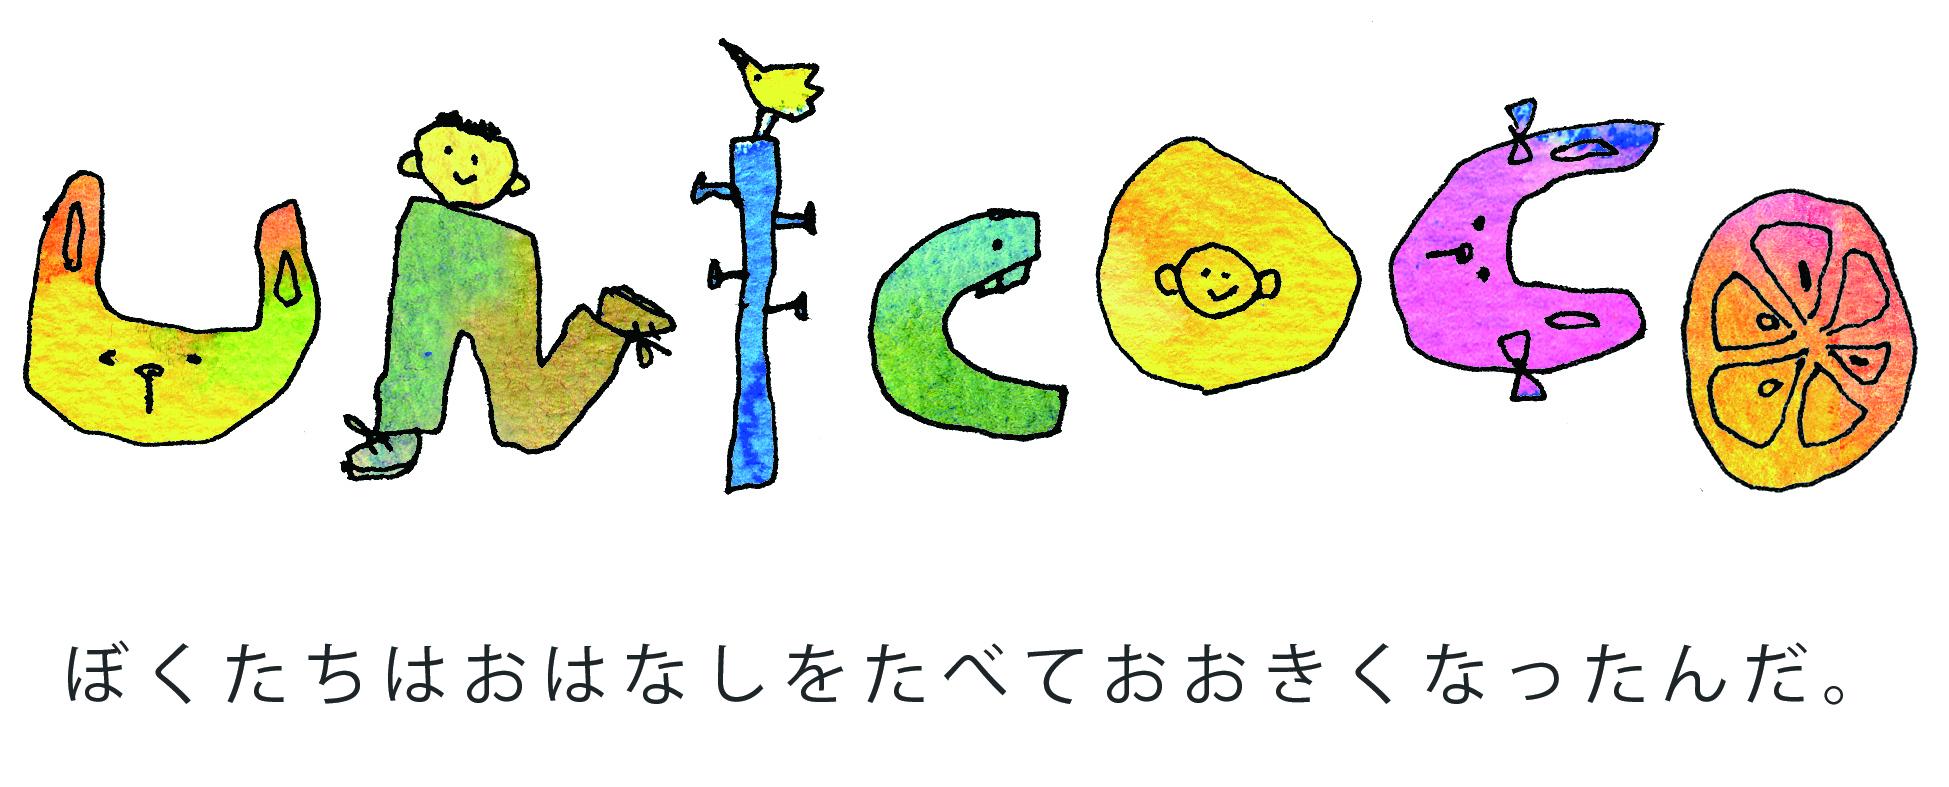 ウニココ unicoco